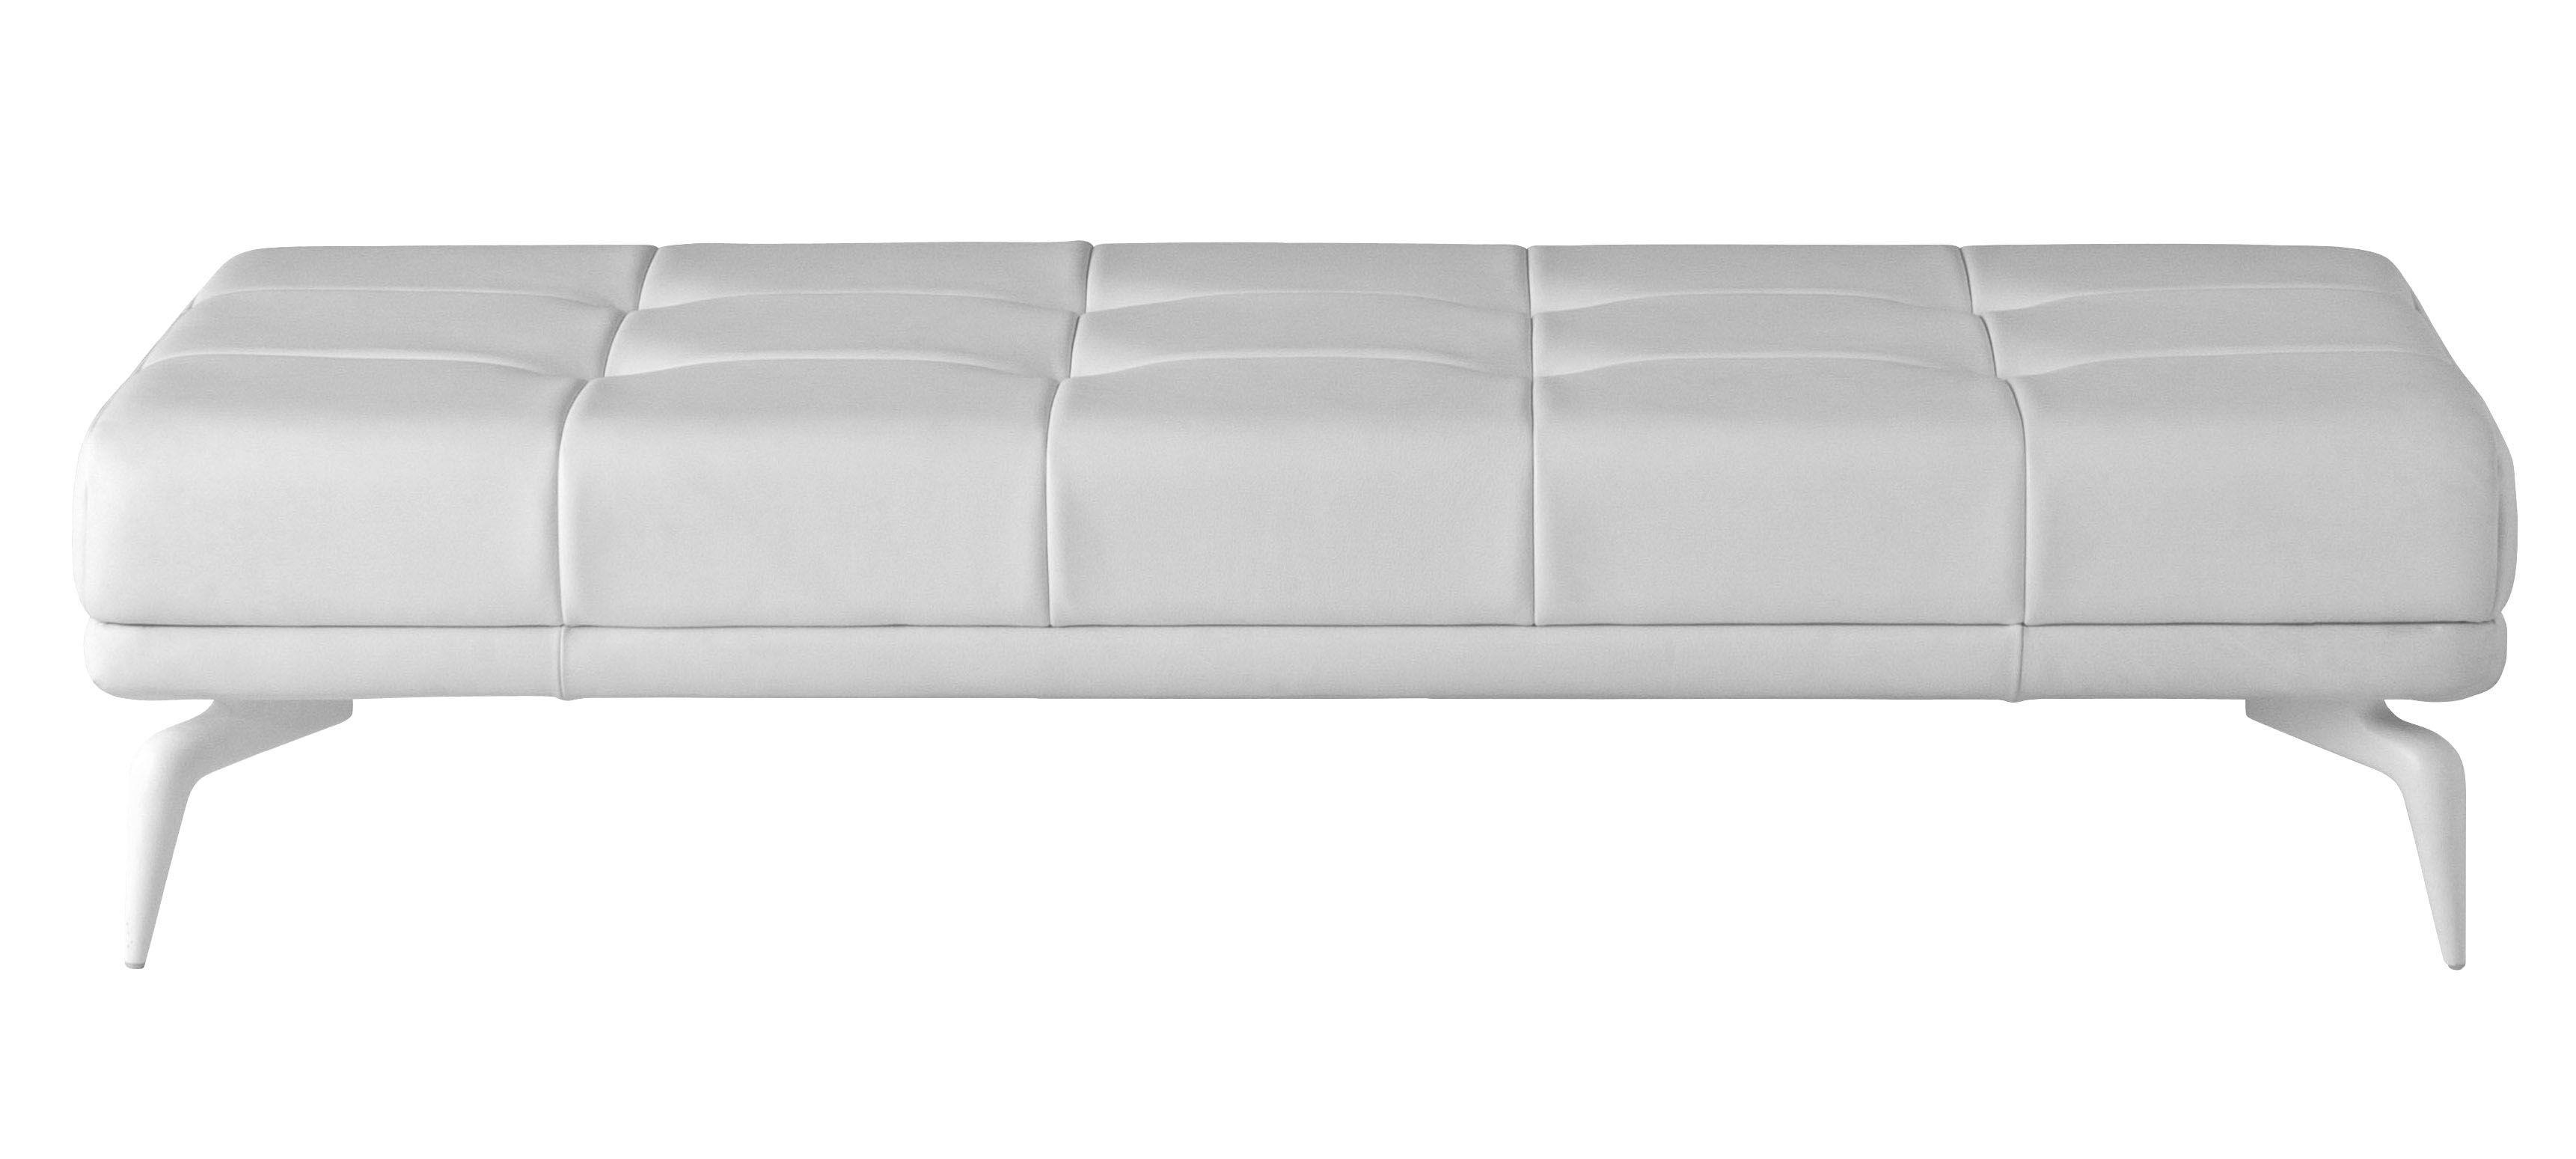 Mobilier - Poufs - Banc Leeon - Driade - Cuir blanc - Aluminium laqué, Cuir